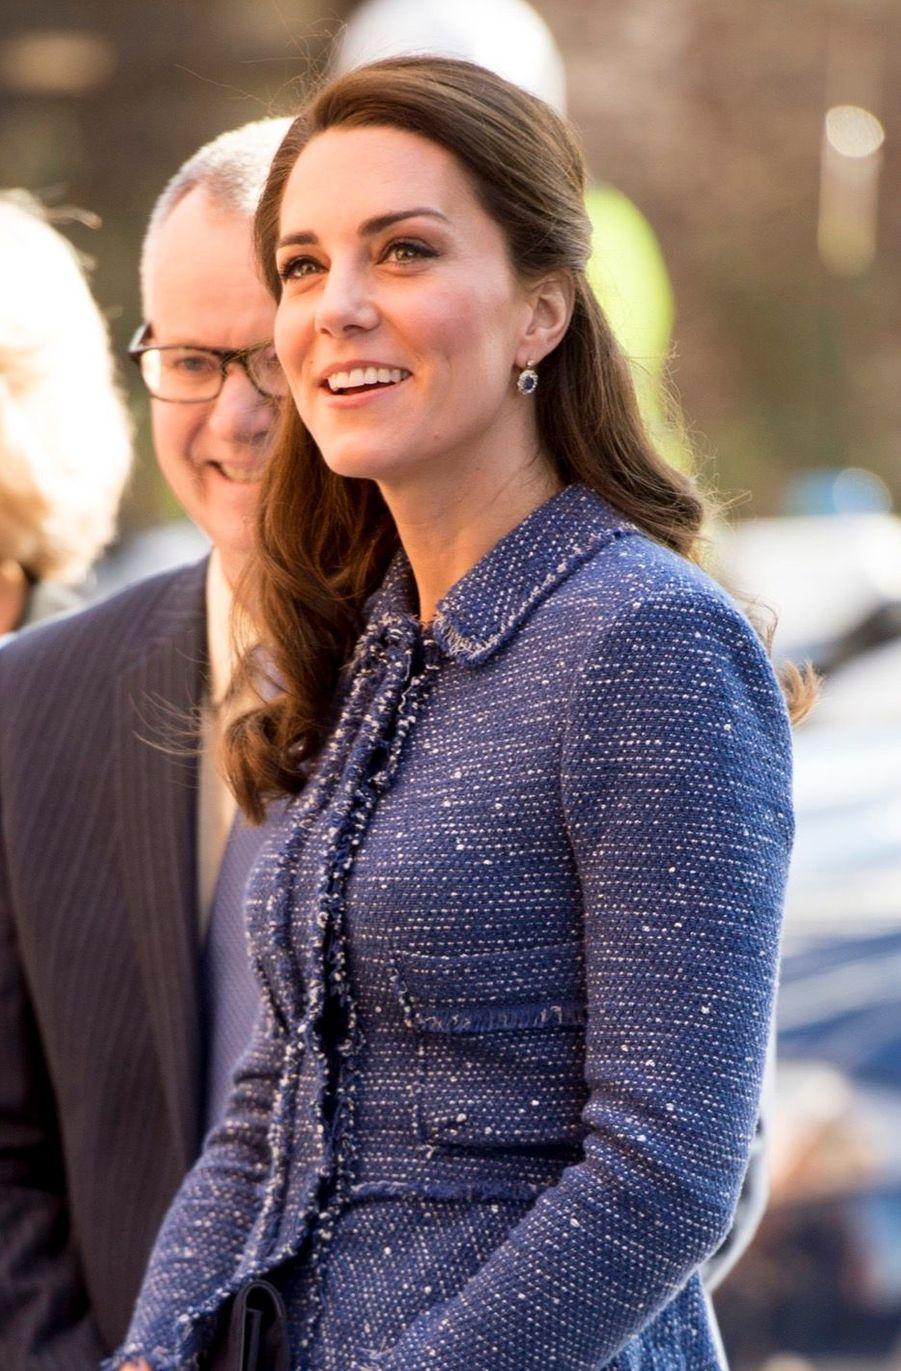 Kate Middleton À L'inauguration De La Maison Ronald McDonald À Londres, Le 28 Février 2017 3